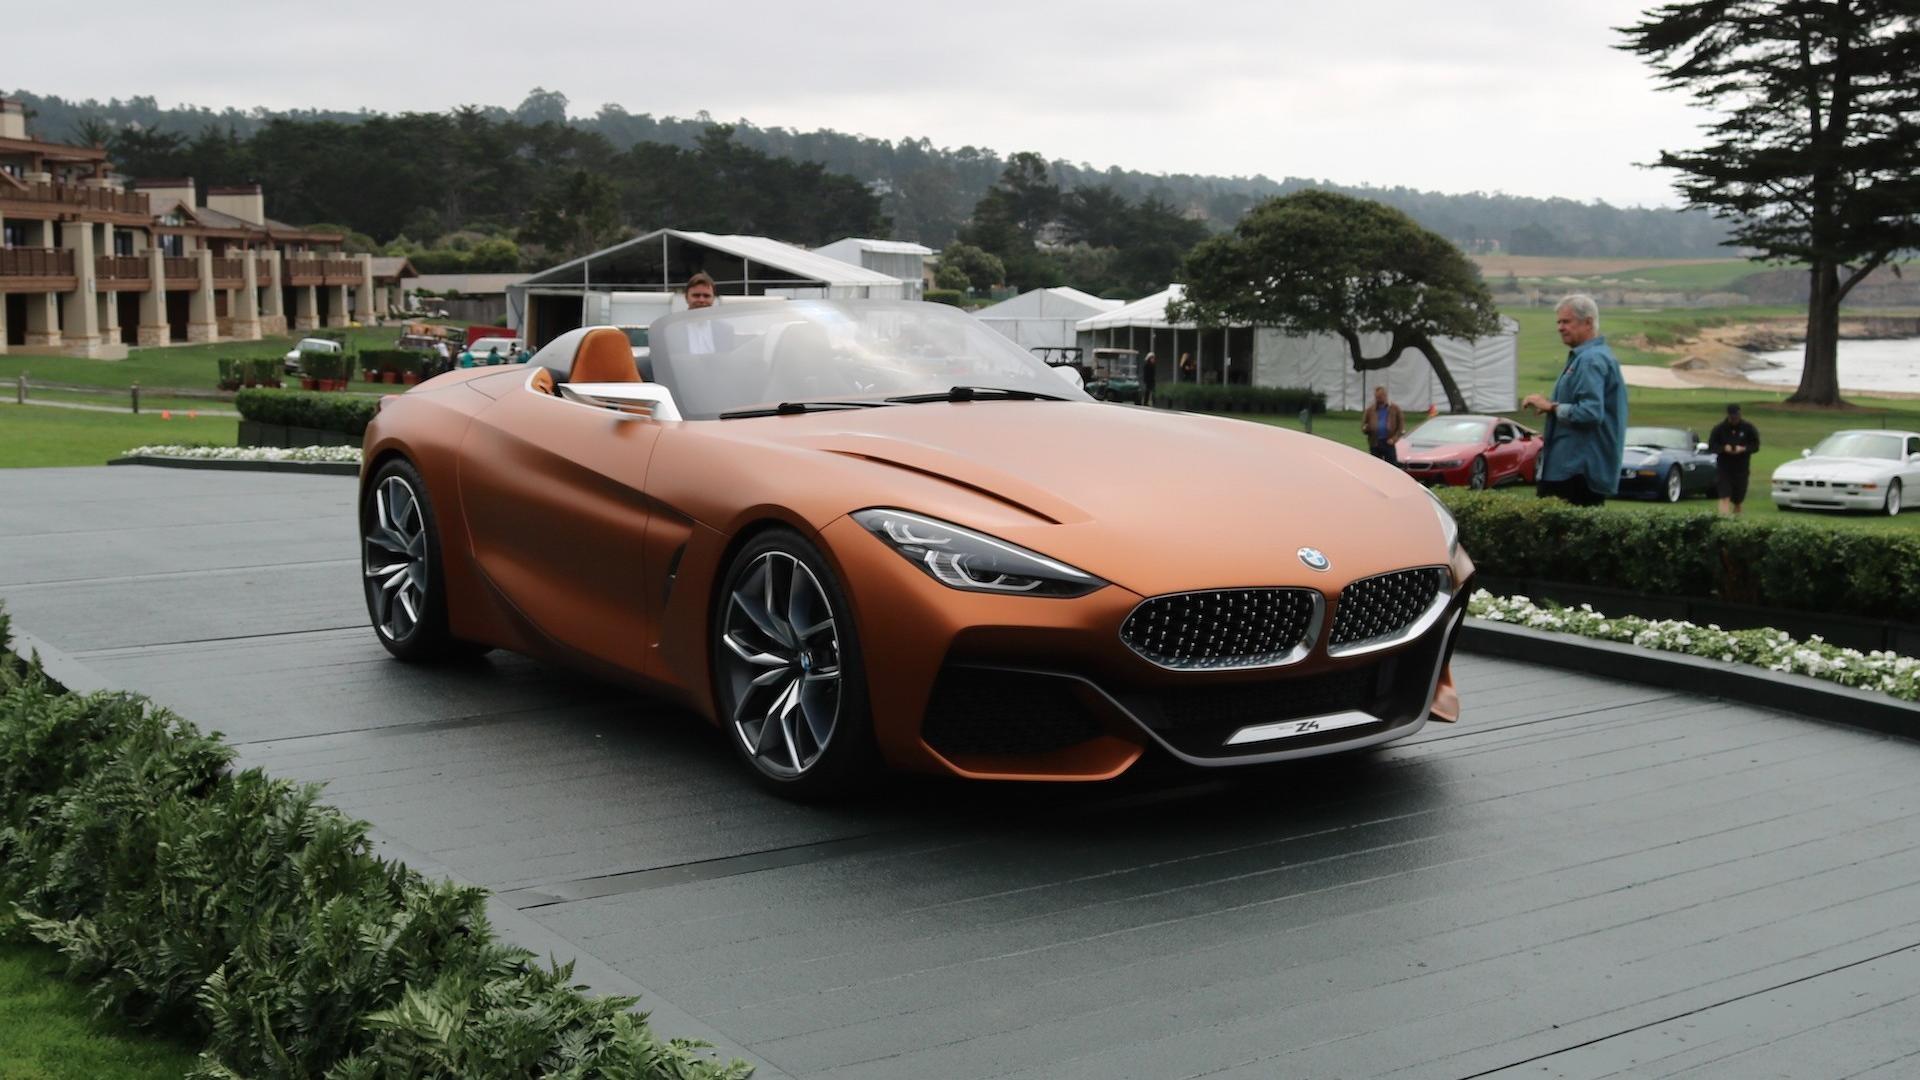 宝马Z4概念车正式亮相 设计语言更具活力